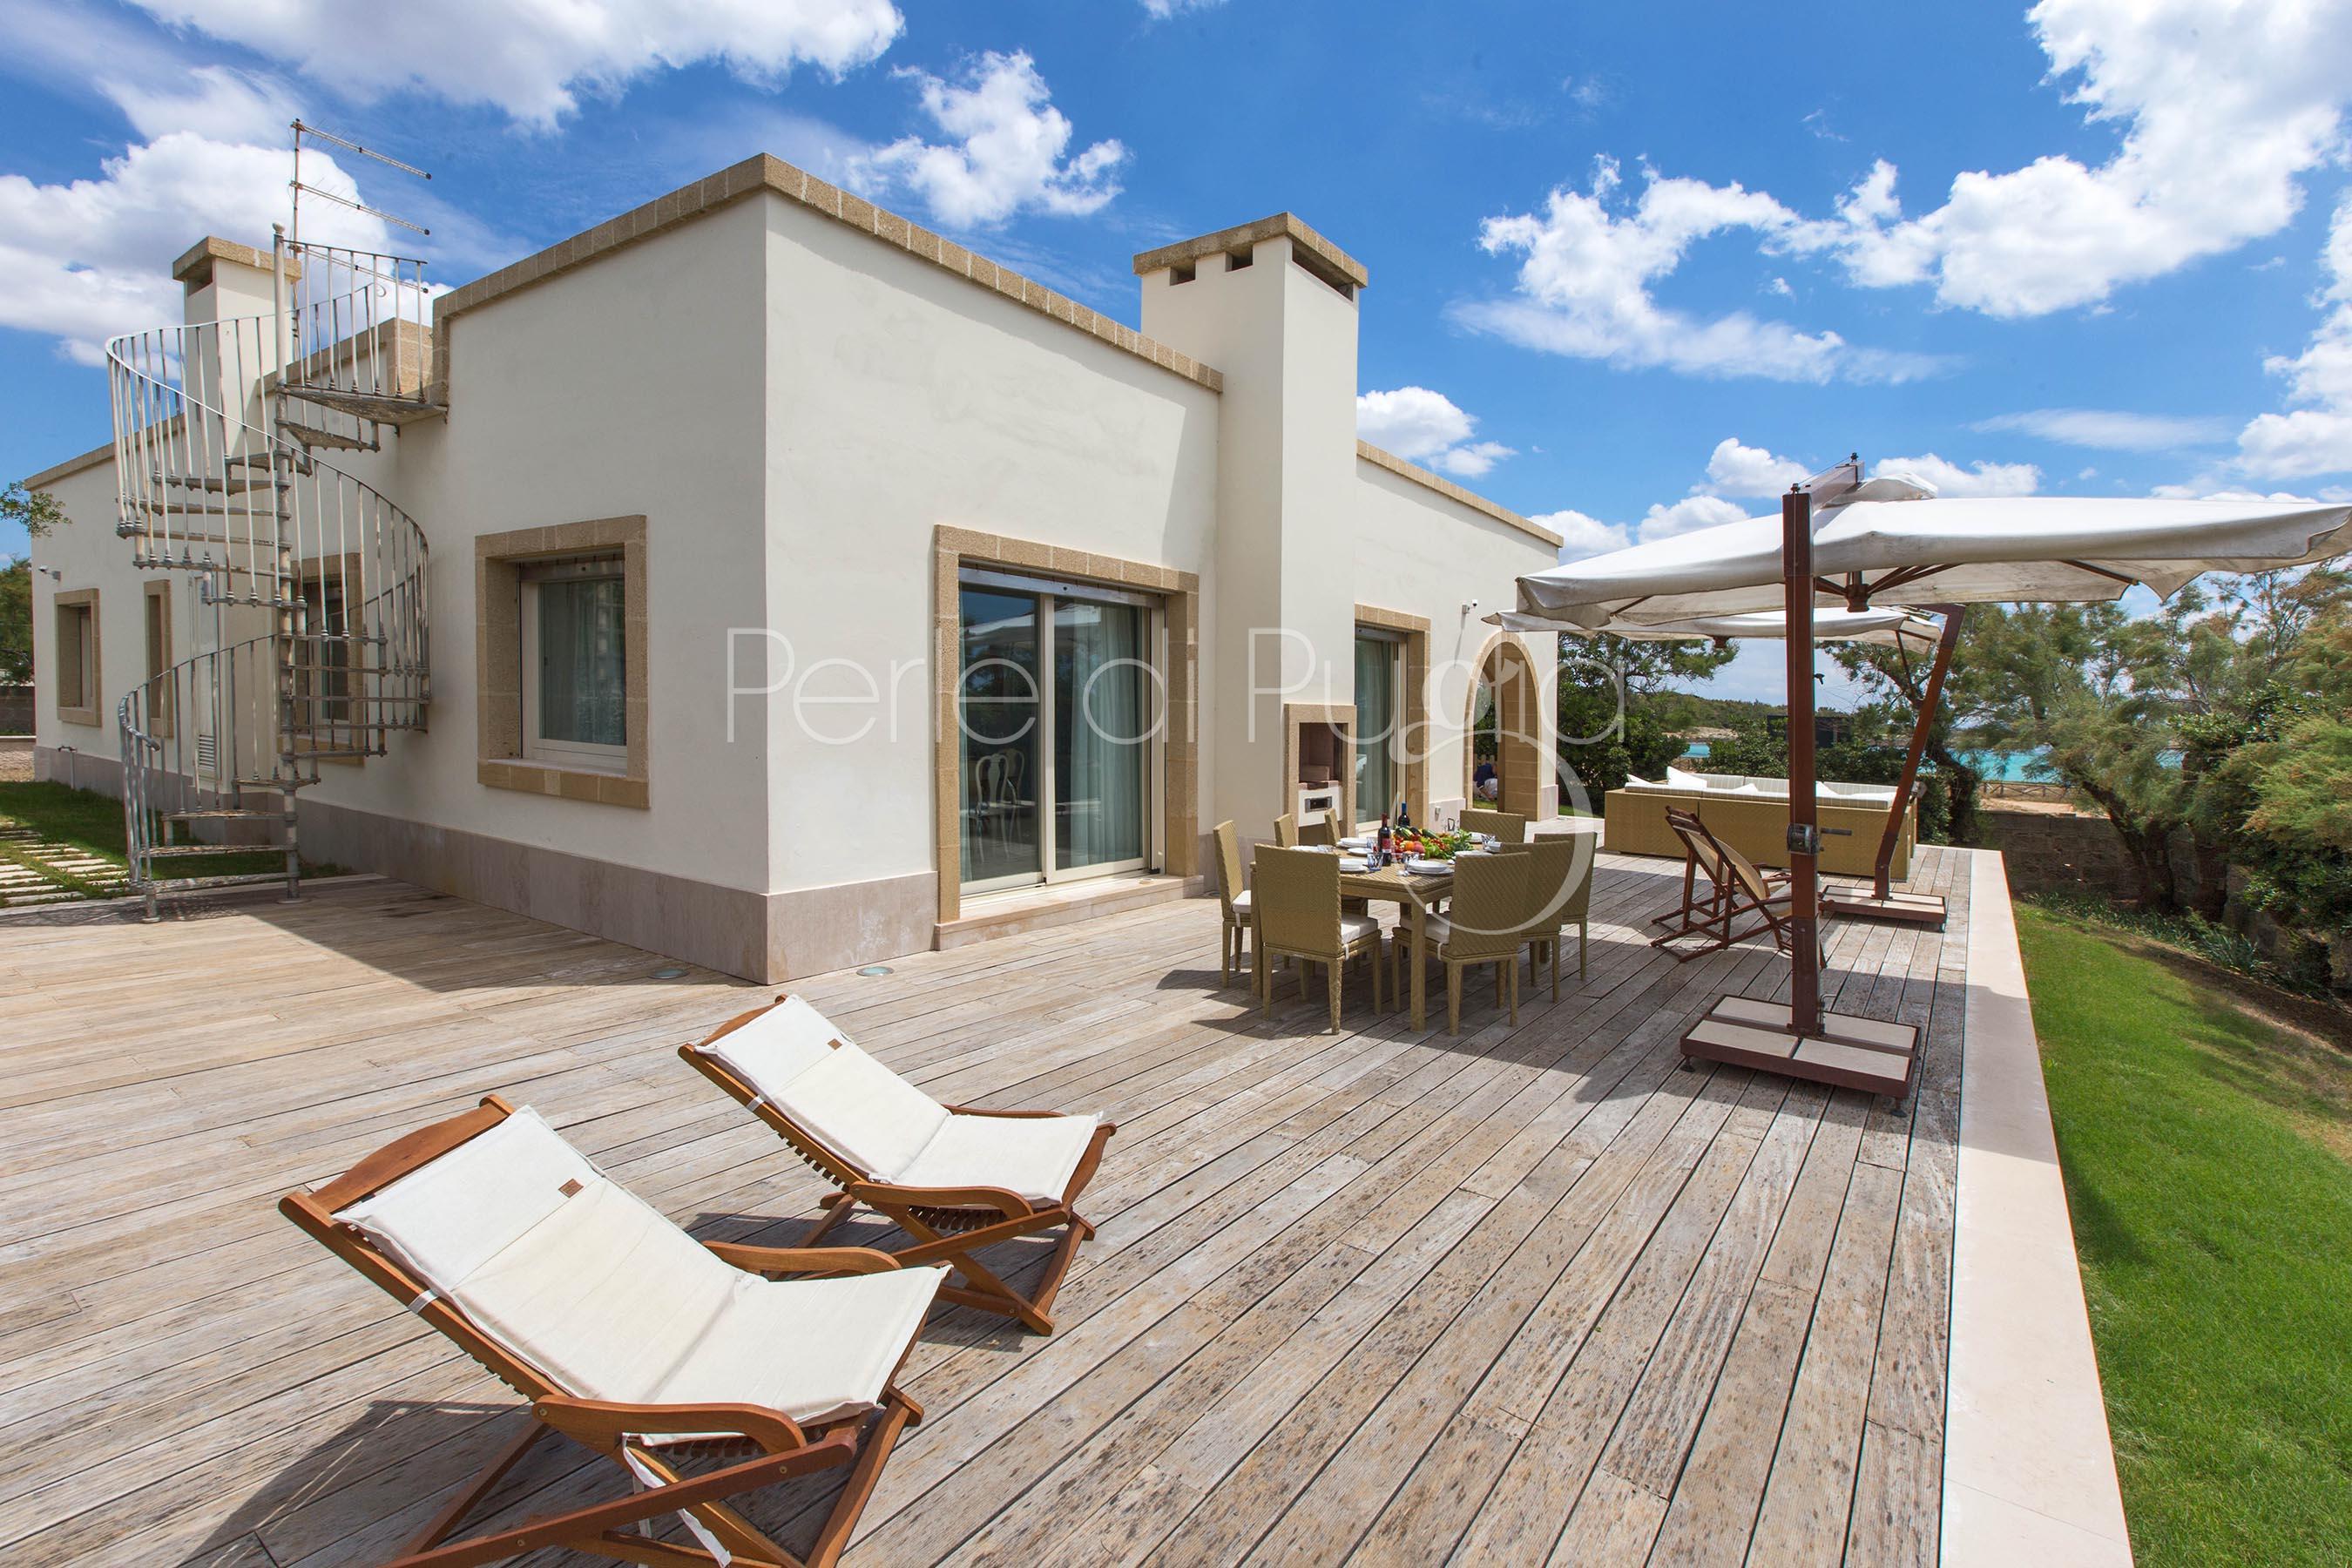 Affitto villa di lusso sulla spiaggia a porto cesareo for Ville bianche moderne